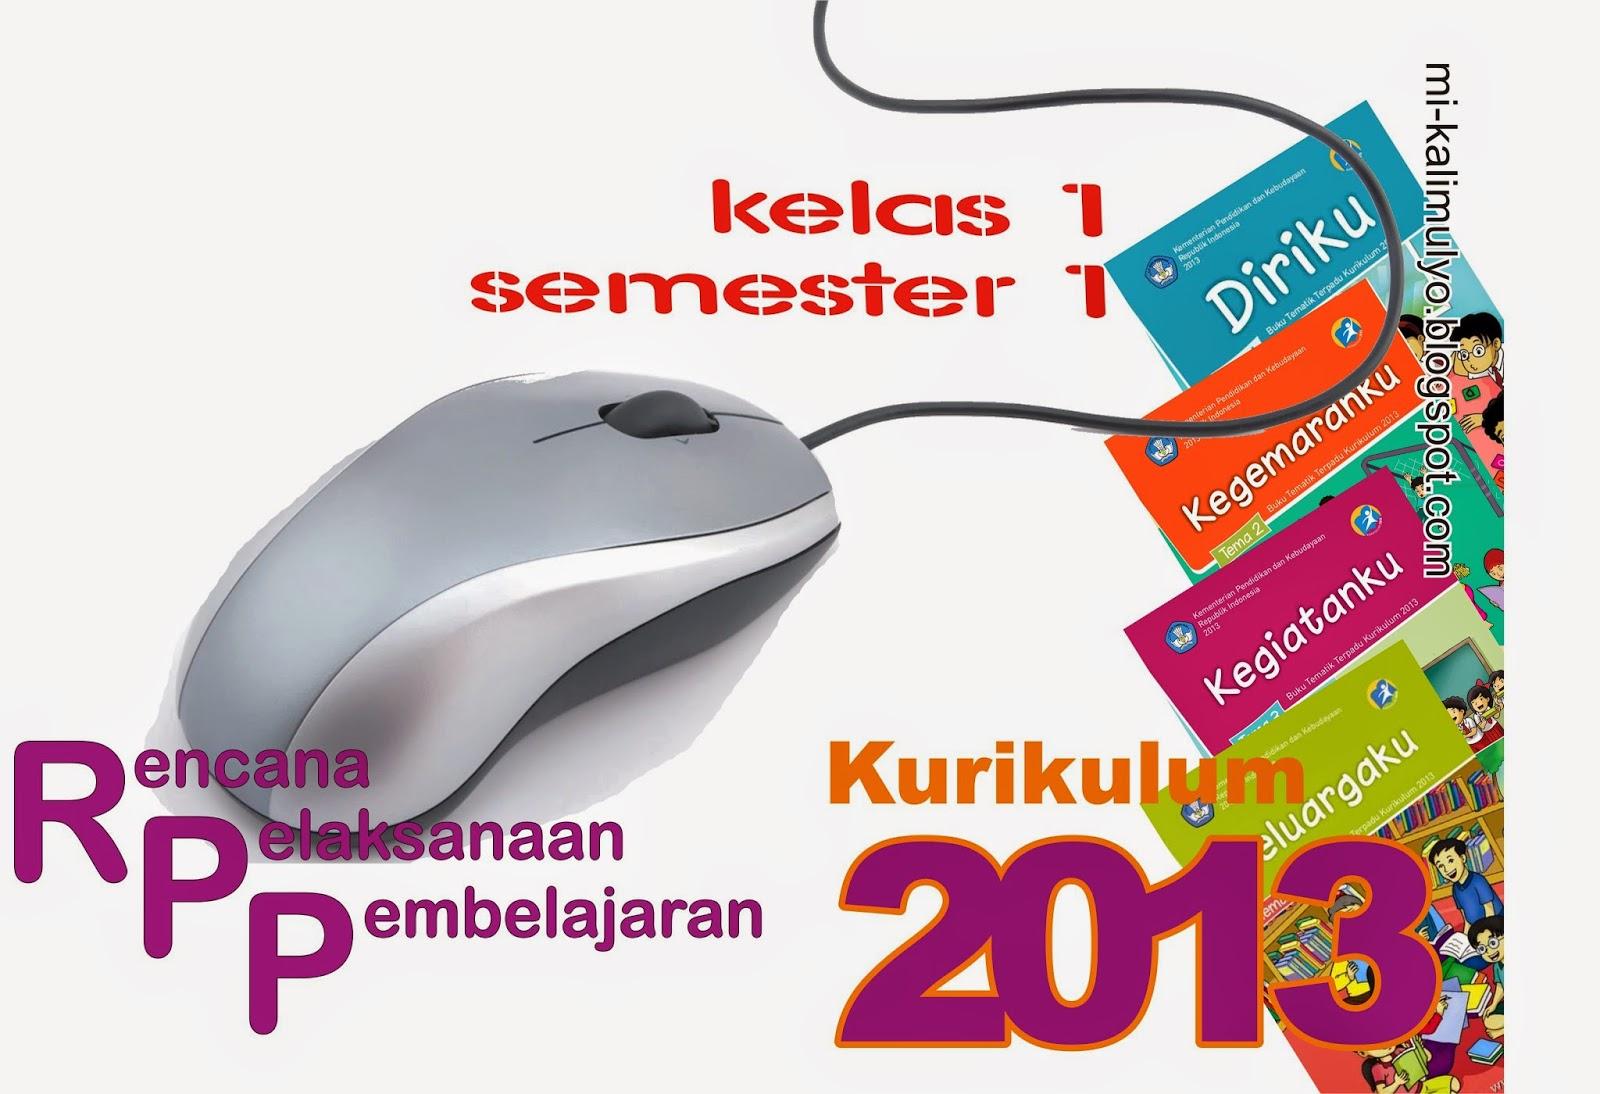 RPP Kurikulum 2013 Kelas 1 Semester 1